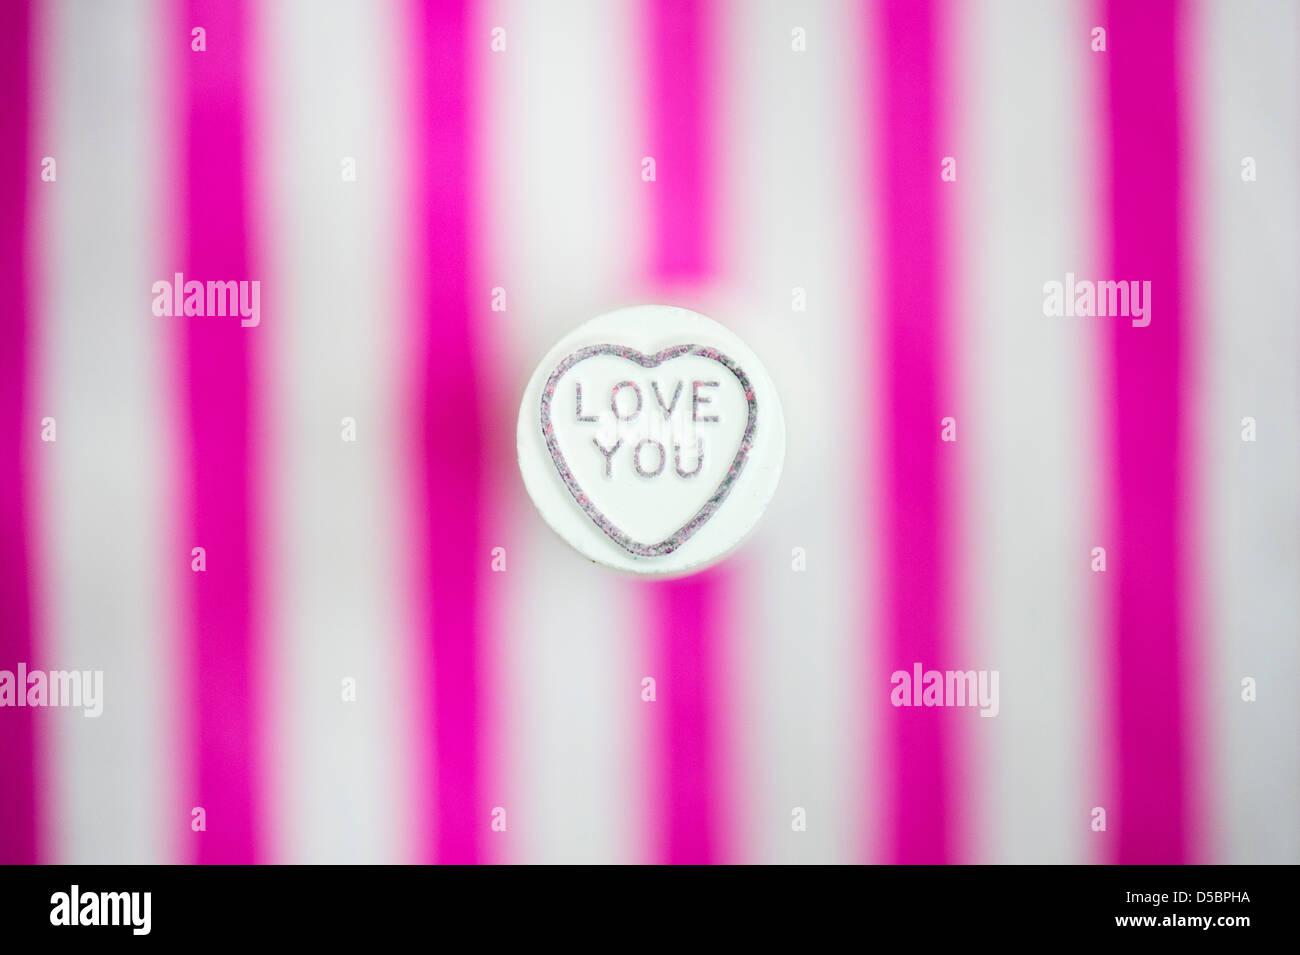 Vous aime. Coeurs d'amour. Motif doux rétro Photo Stock